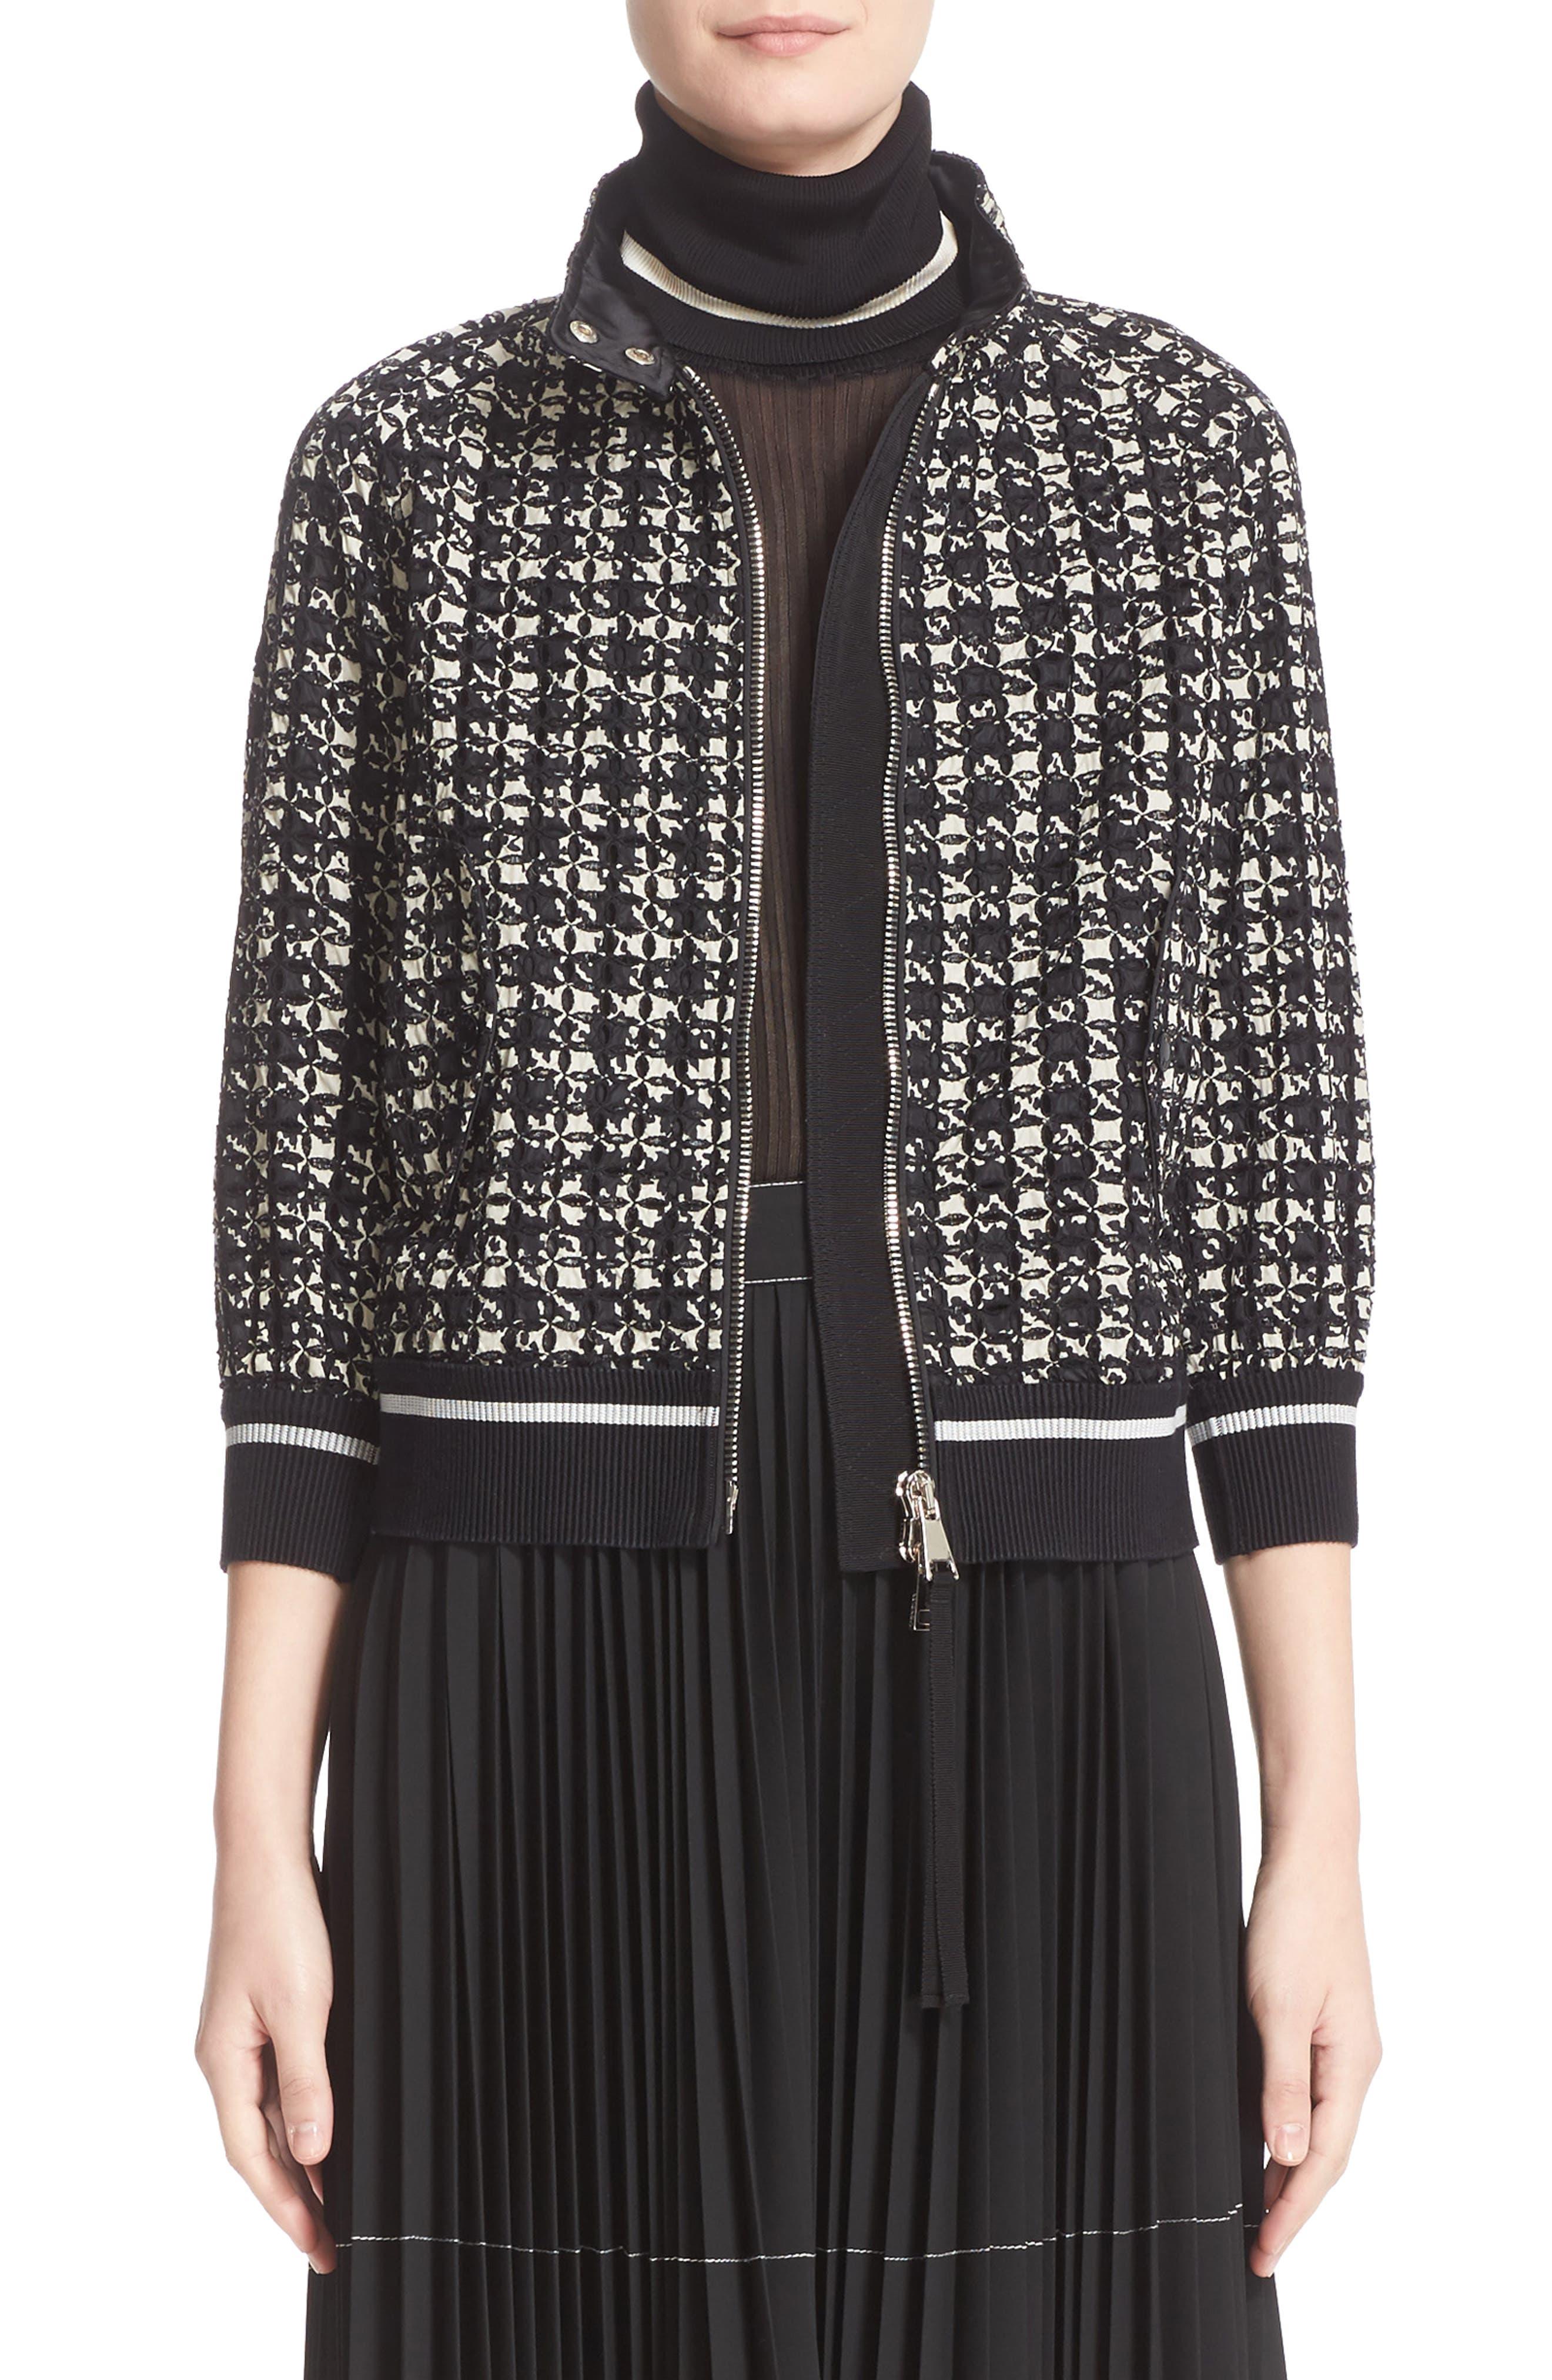 Fiadone Tweed Print Jacket,                             Main thumbnail 1, color,                             001